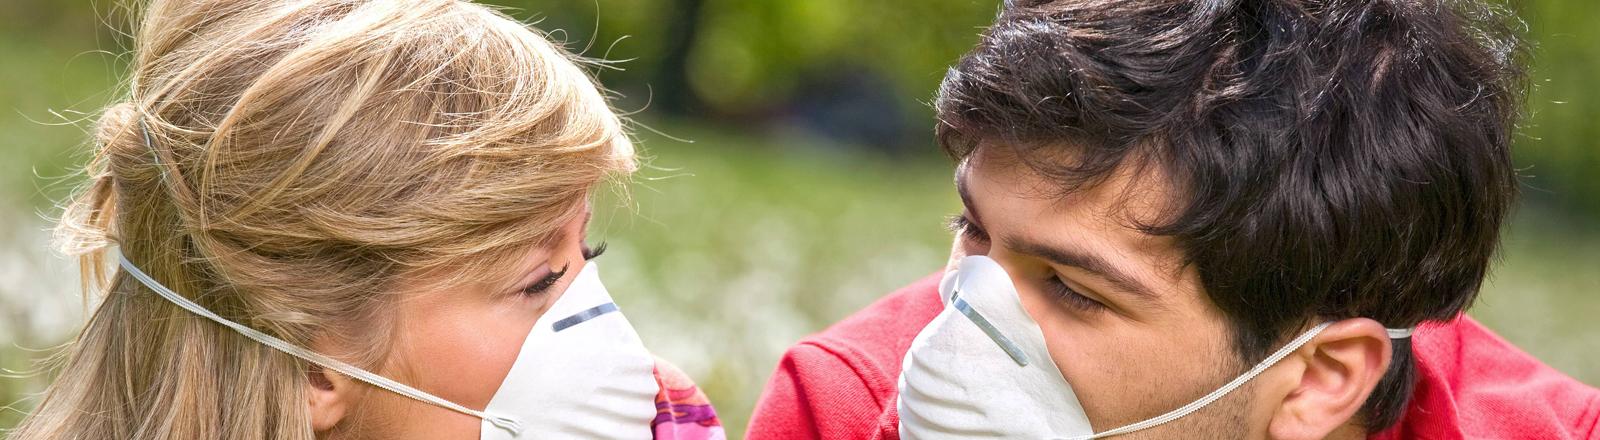 Ein junges Paar liegt in einer Blumenwiese und trägt Mundschutz. Aus Angst vor Allergien.